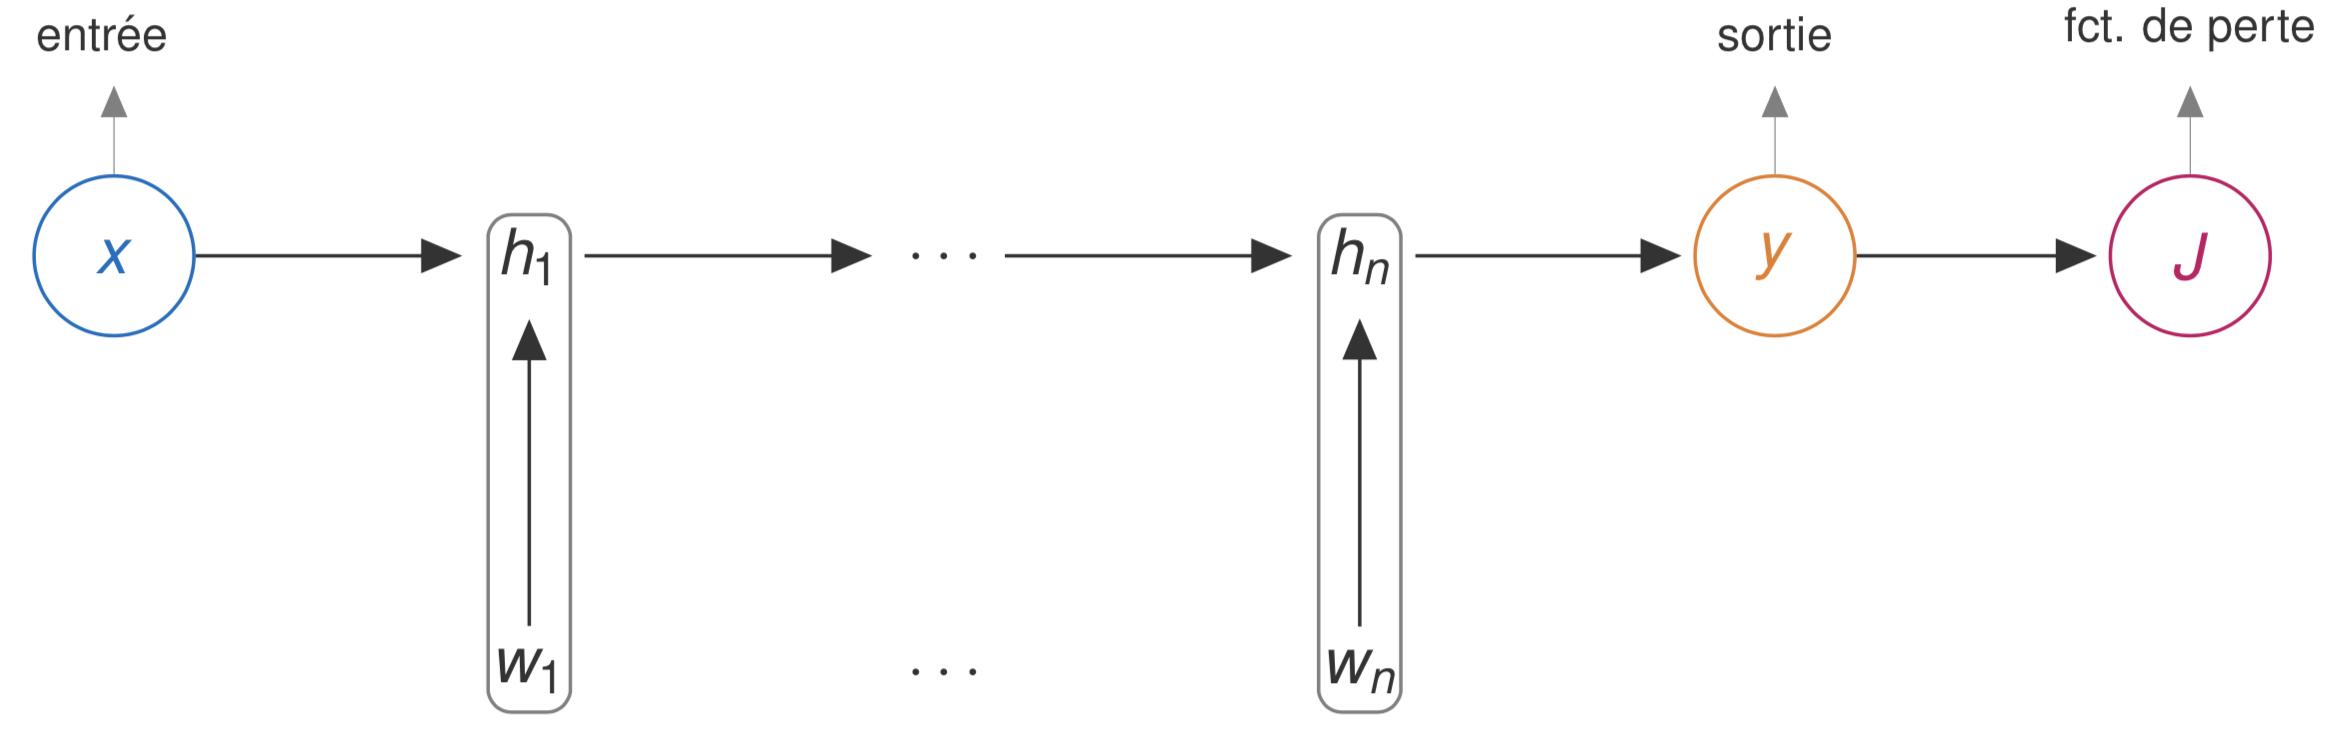 Représentation graphique d'un réseau de neuronal, ses entrées/sorties, et la fonction de perte